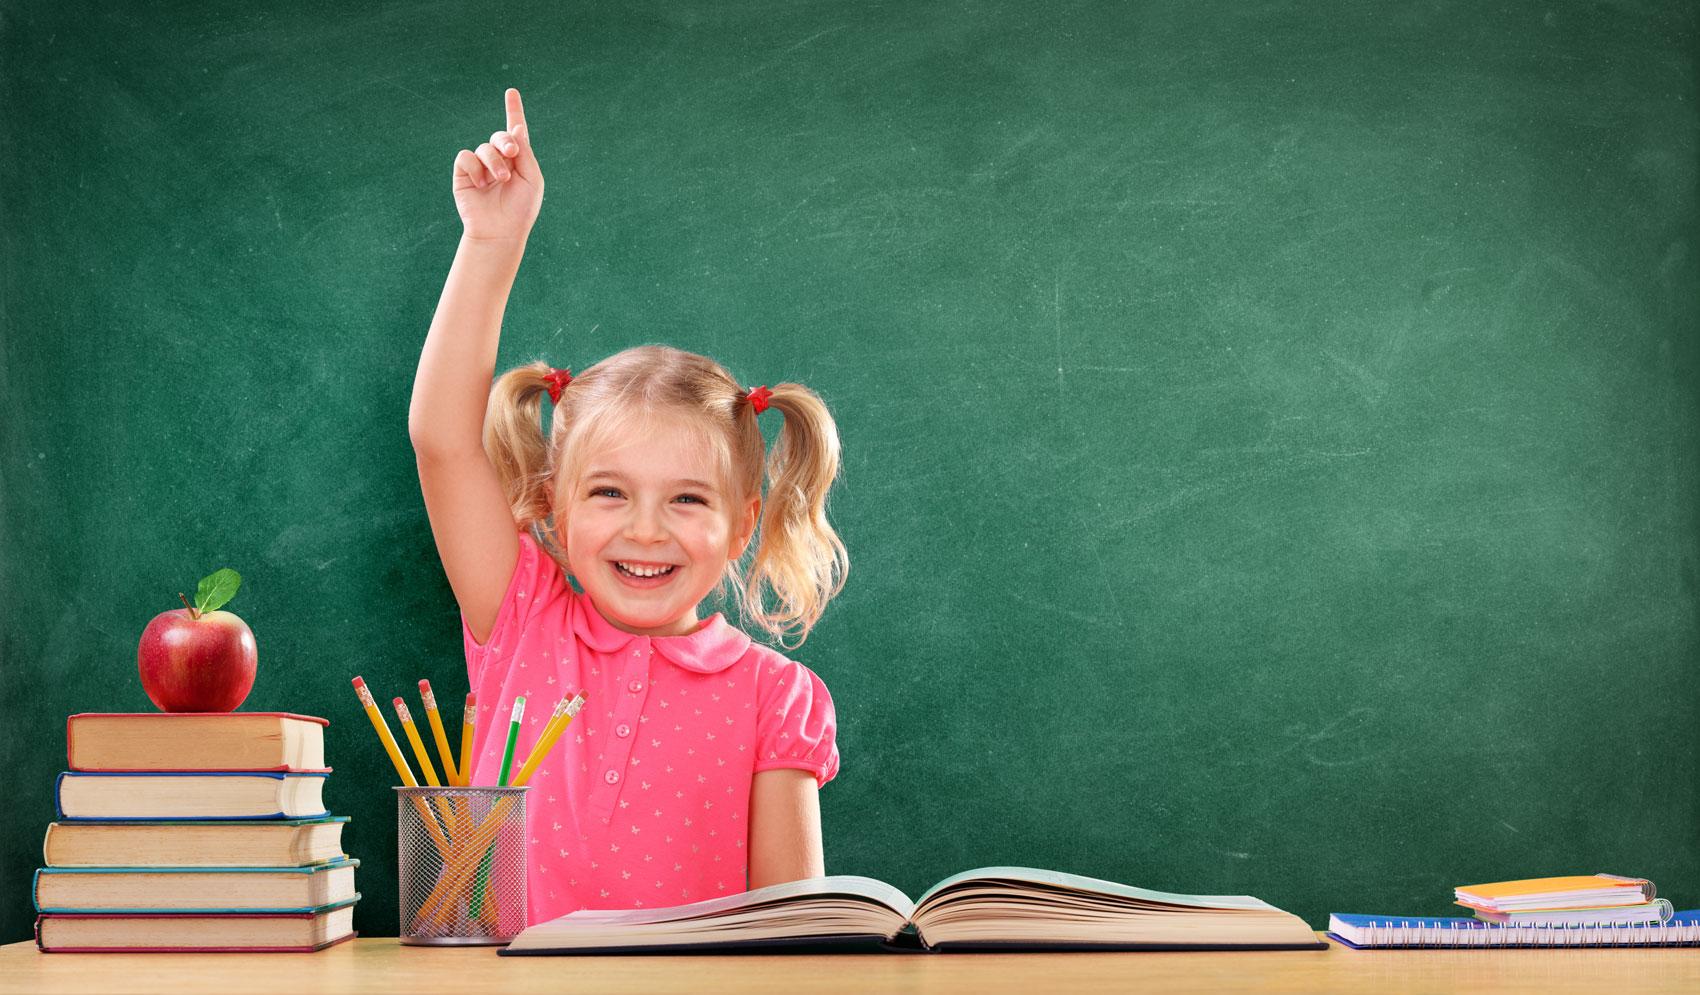 bambina sorridente che alza la mano a scuola